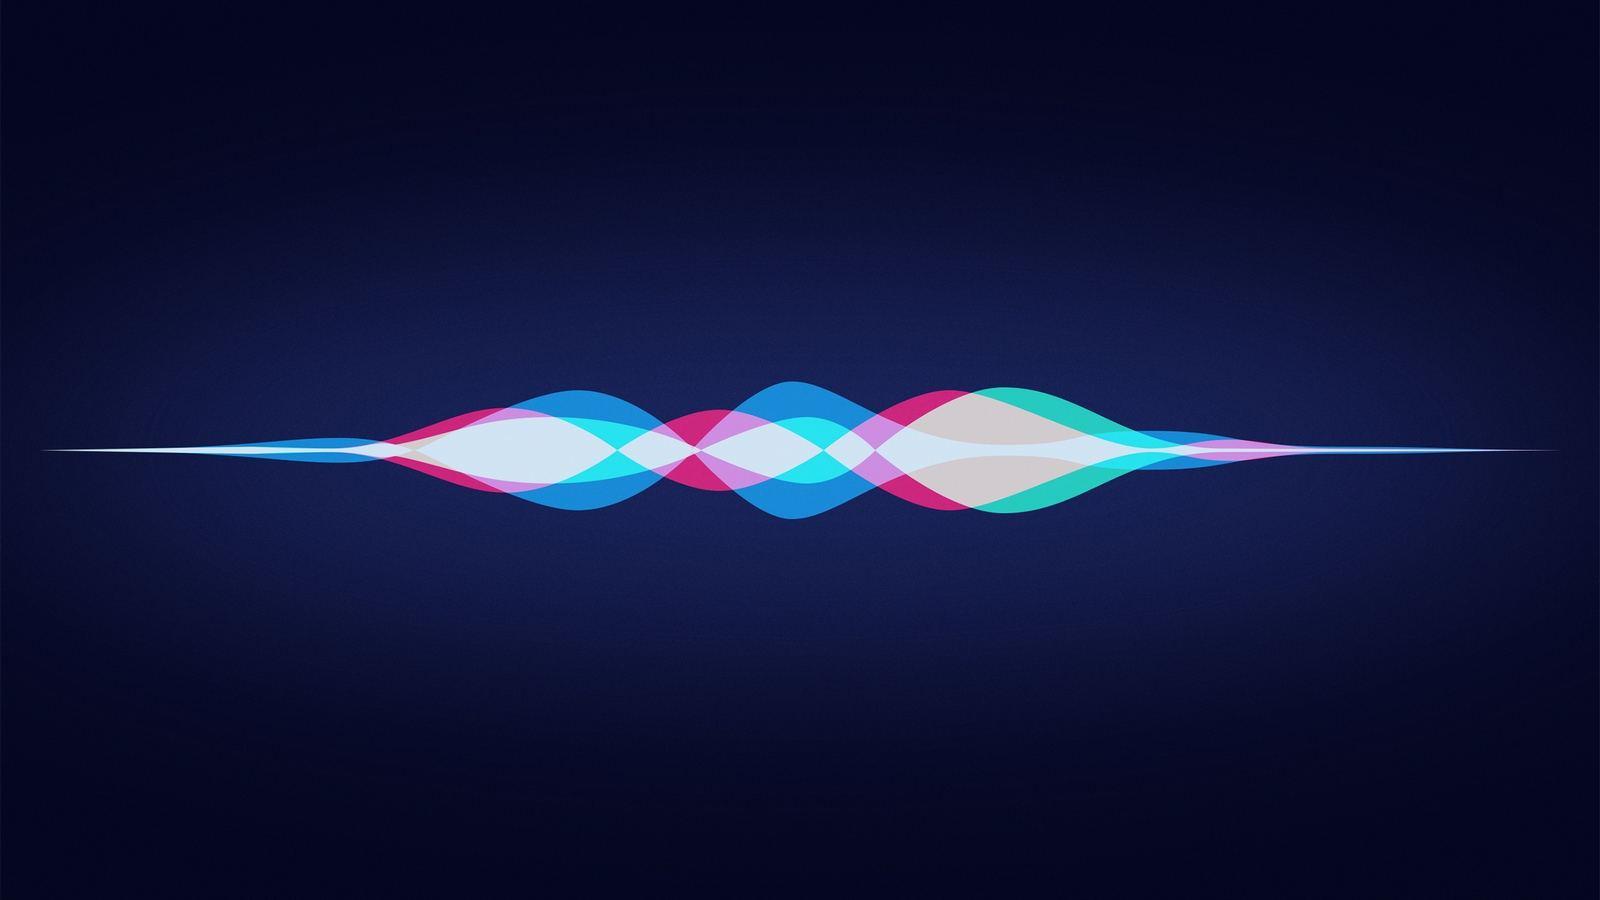 苹果将发布升级版语音助手Siri